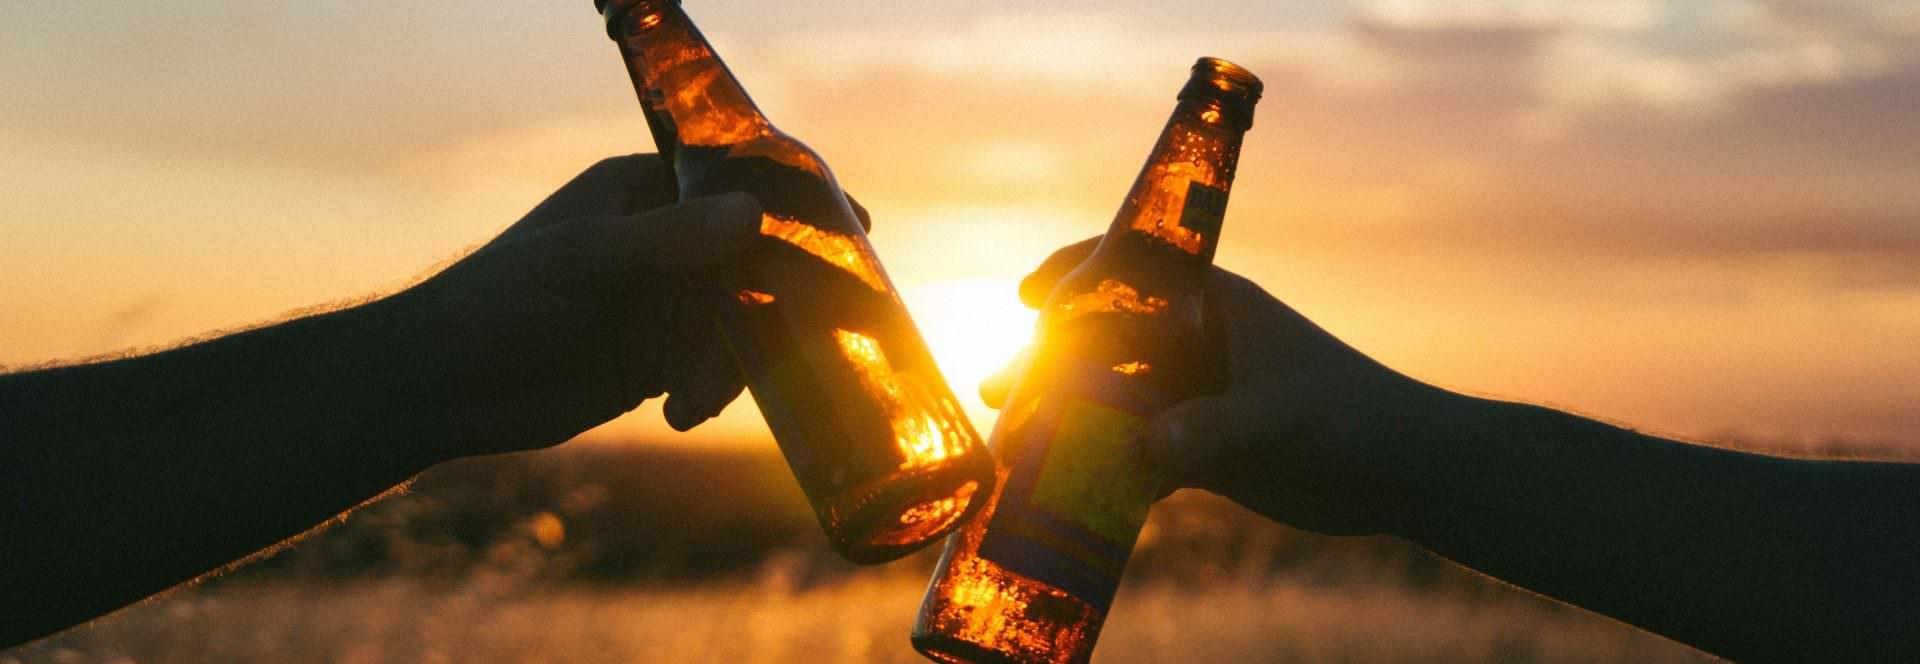 biere du chablais - unsplash